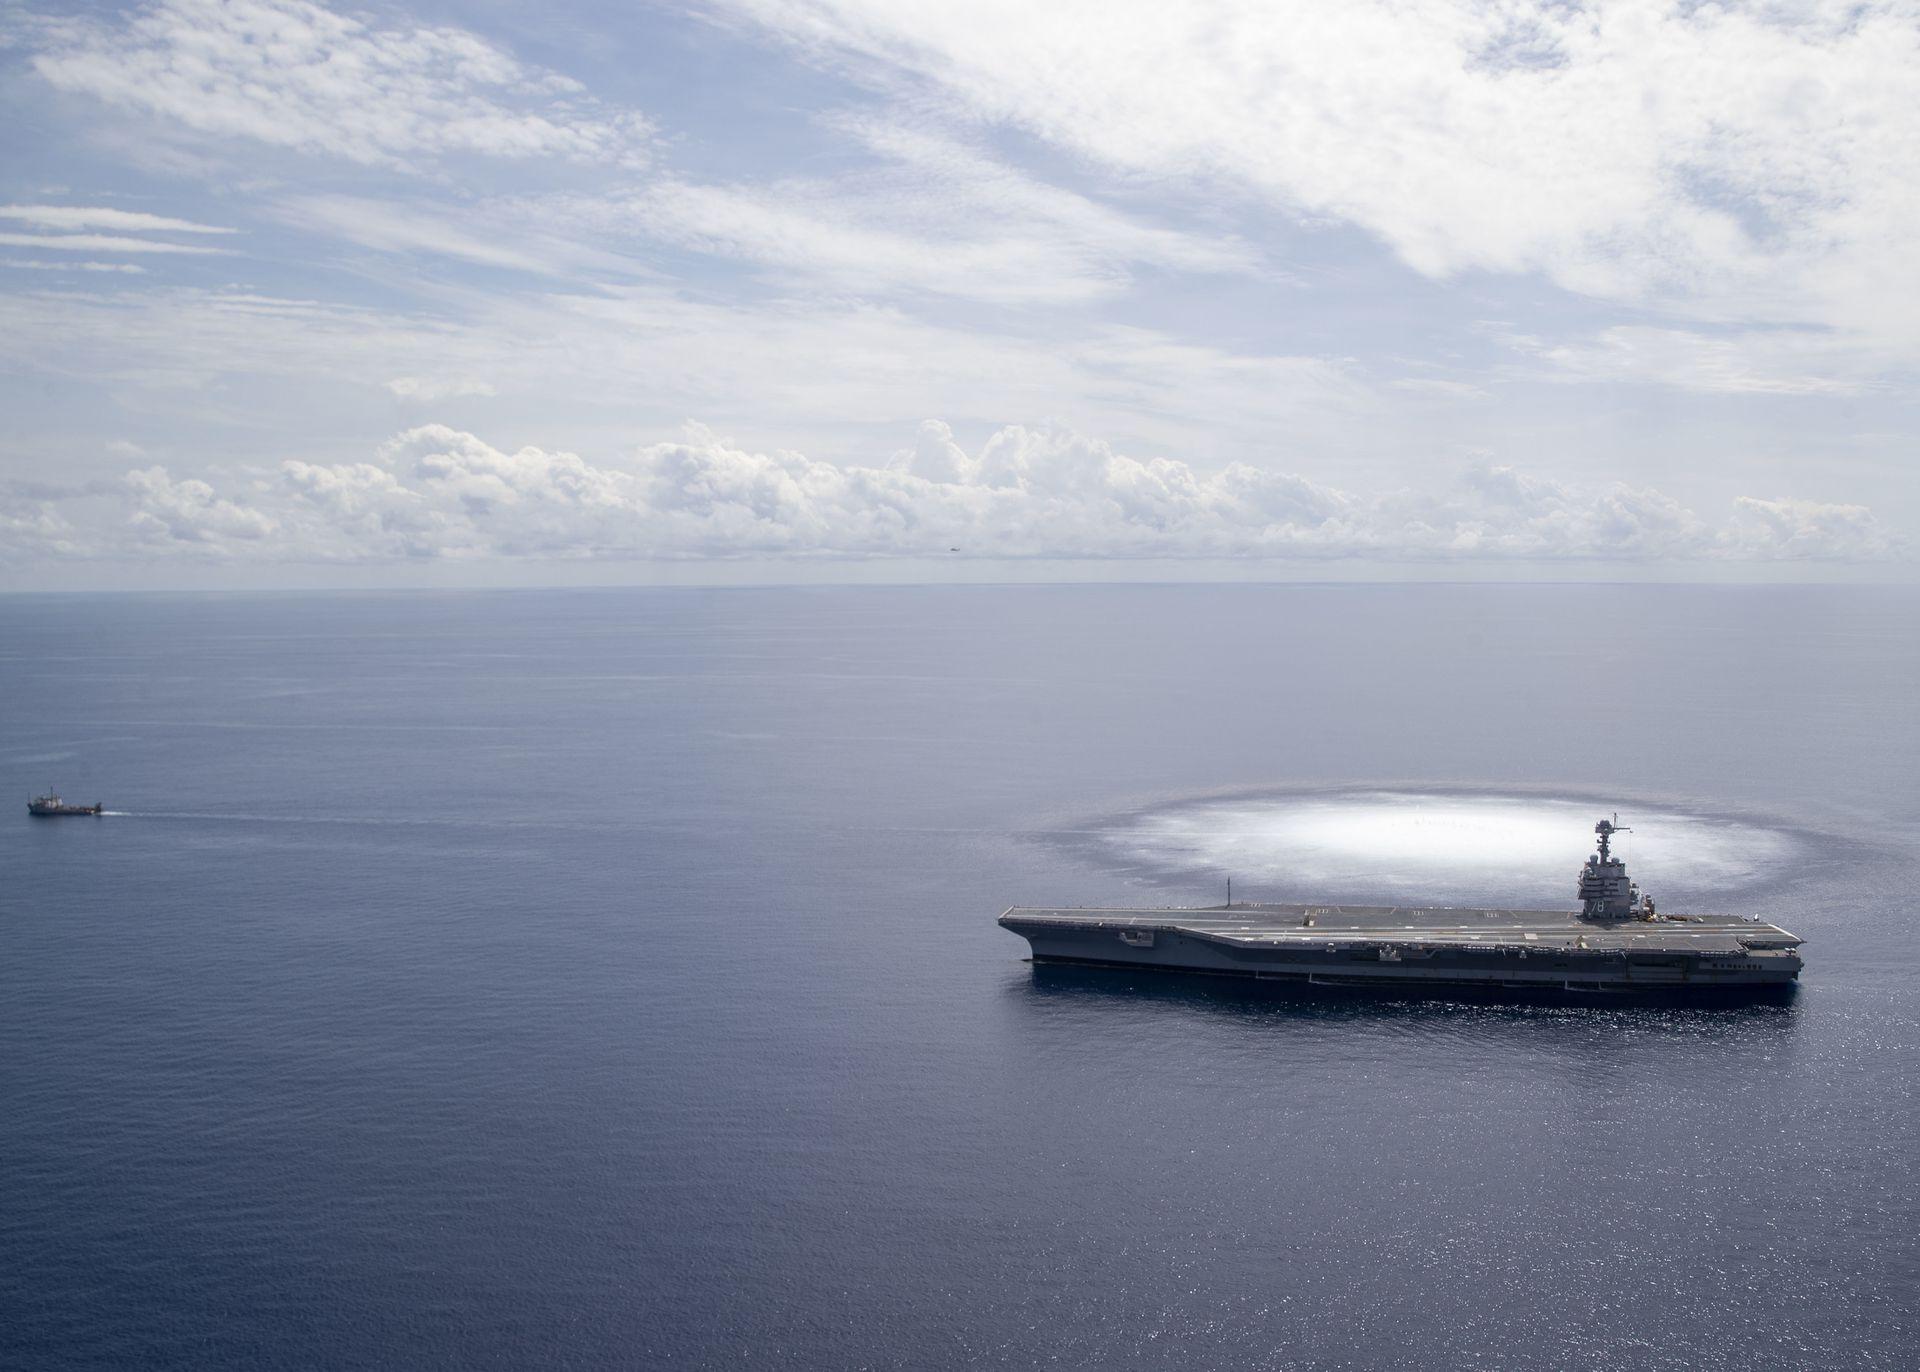 美超级航母进行全舰冲击试验 威力堪比4级地震